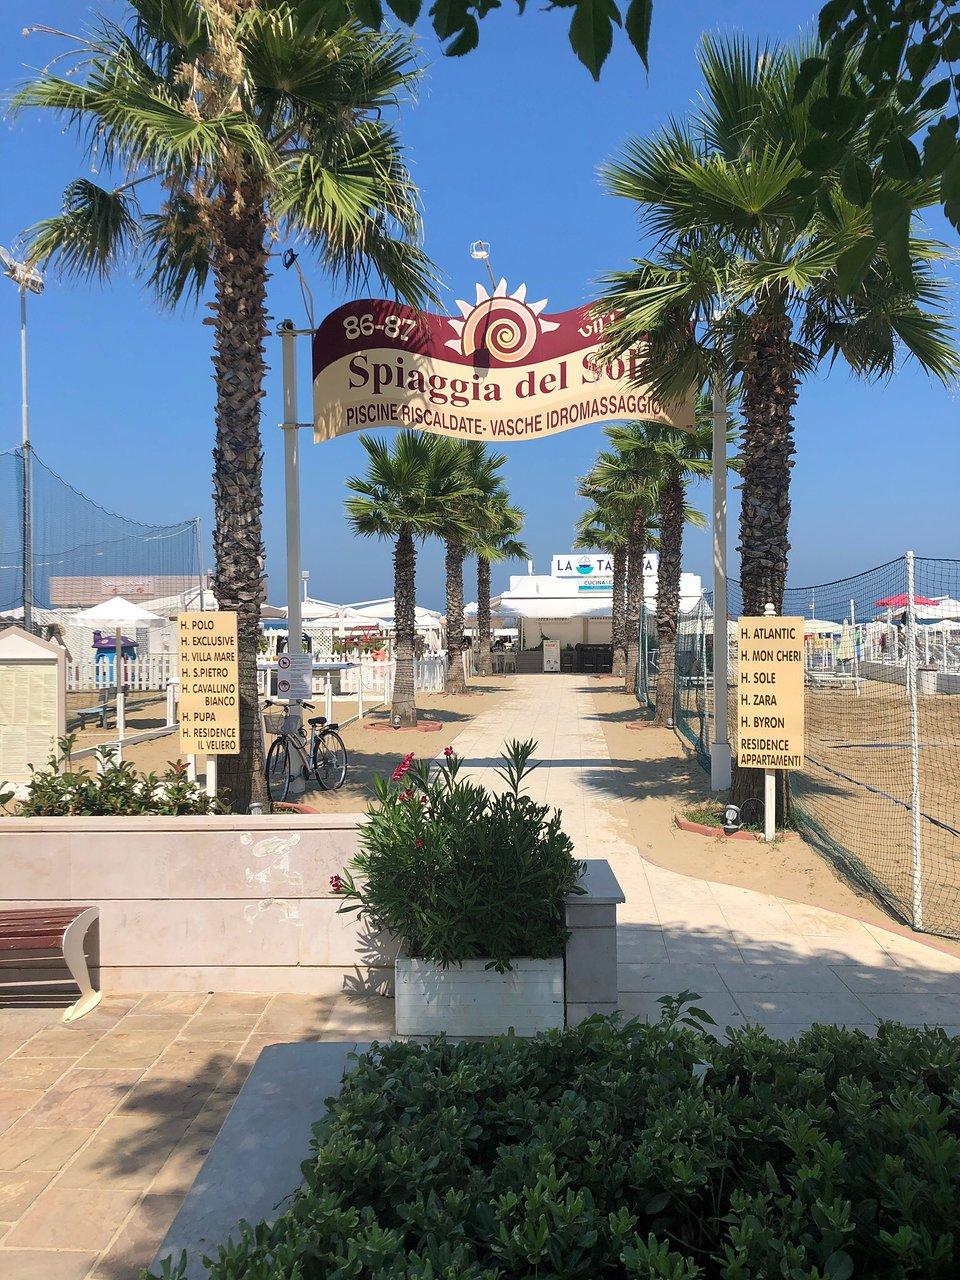 Spiaggia Del Sole 86 87 Riccione 2020 All You Need To Know